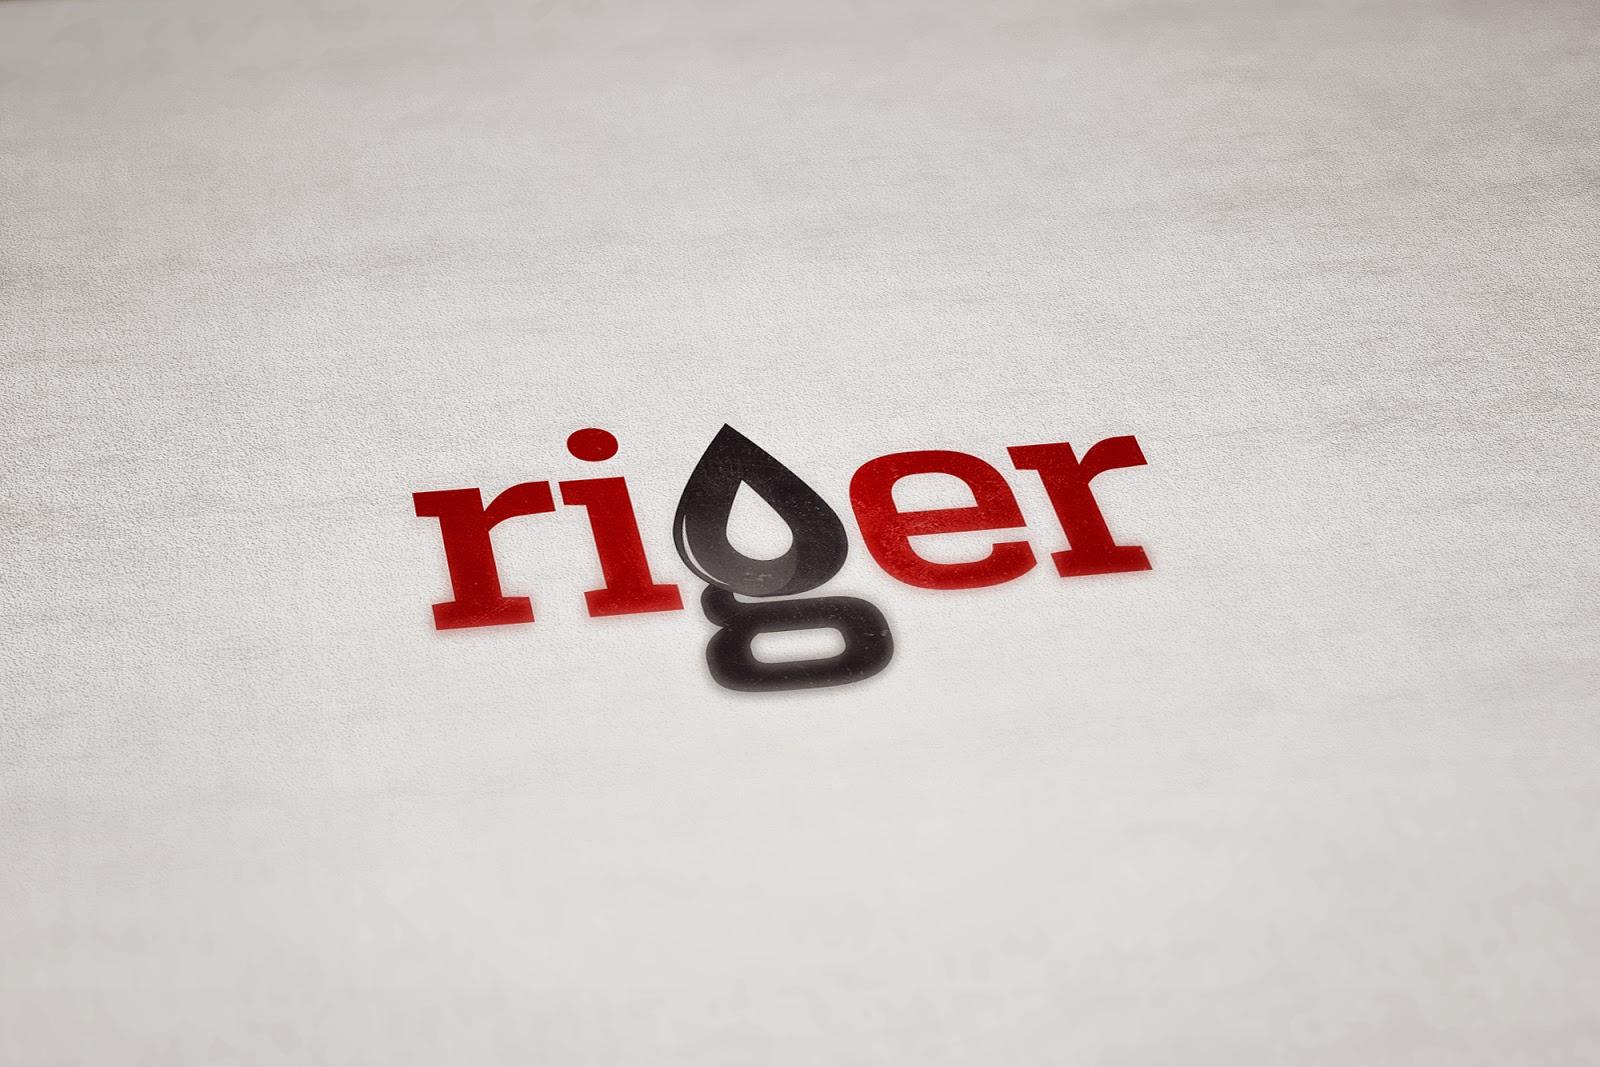 www.riger.ca